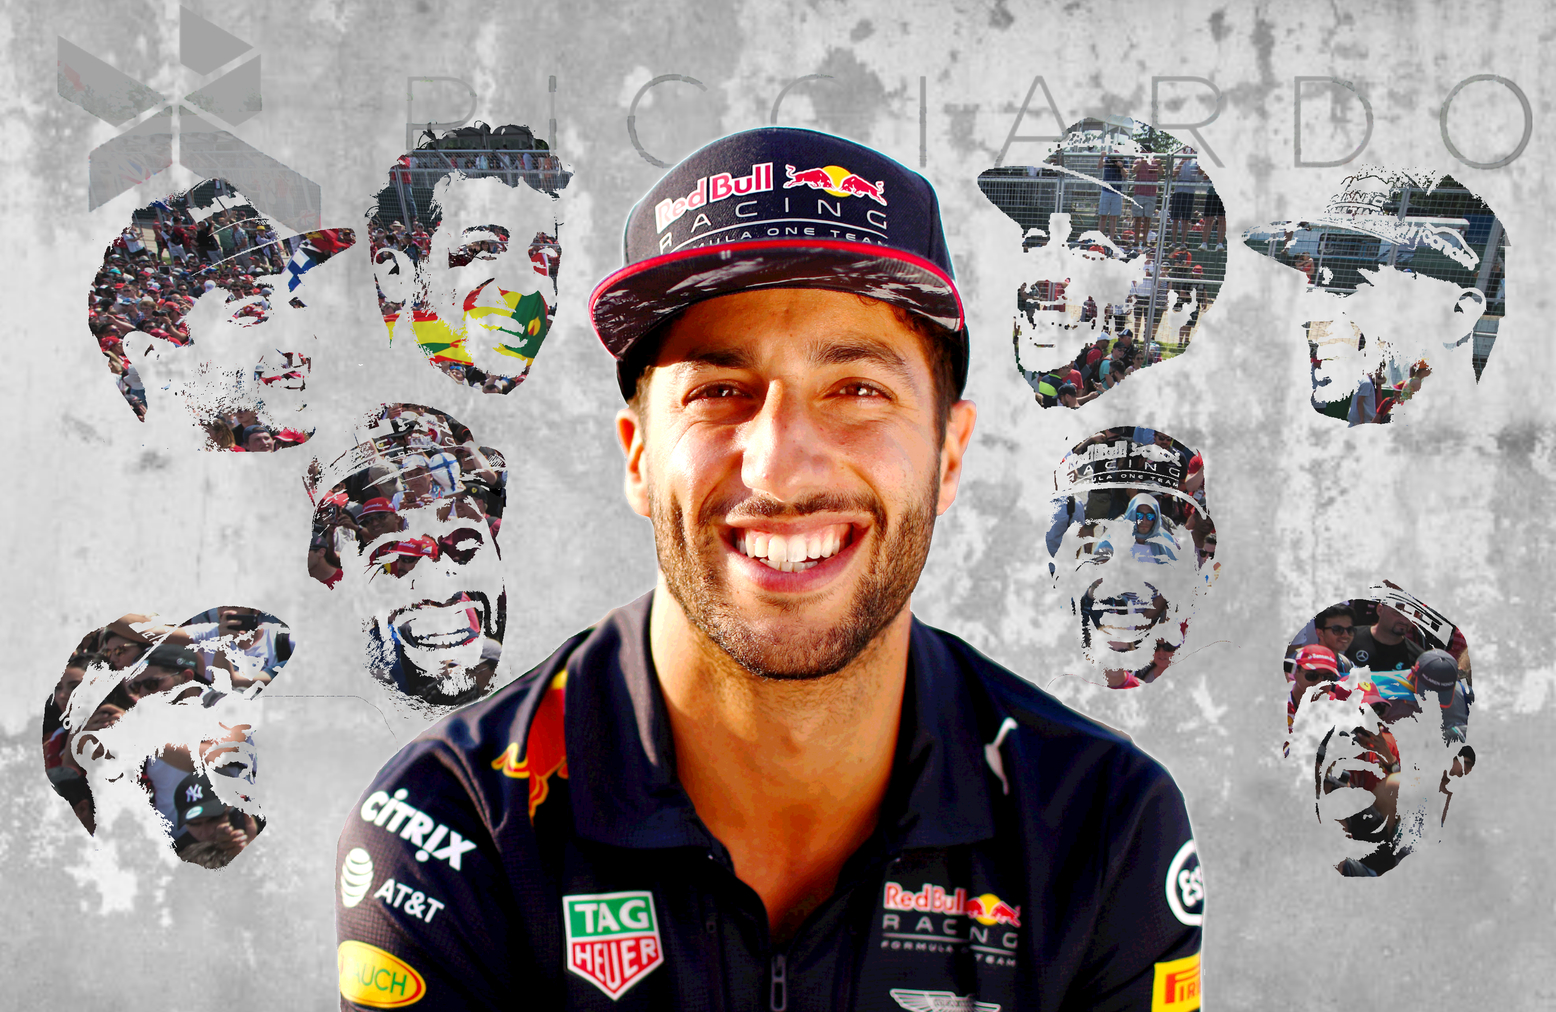 Fotó: Bpxutca/XPB/Red Bull